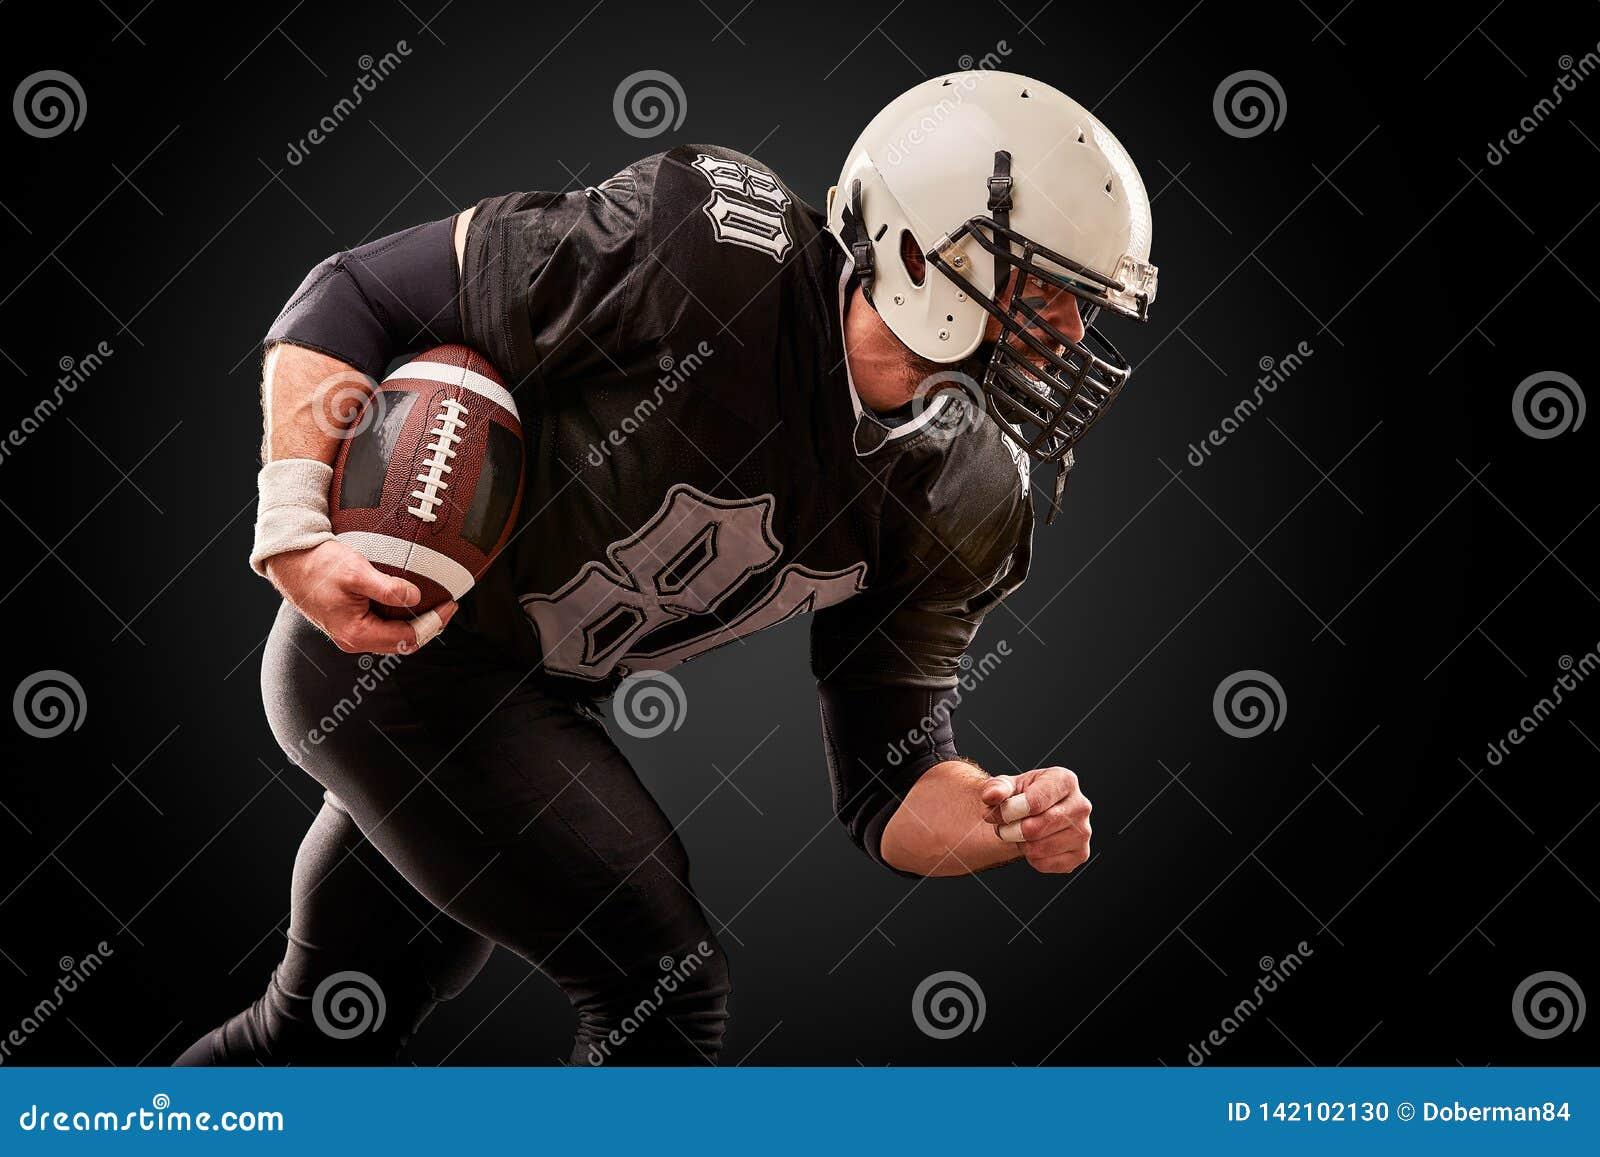 O jogador de futebol americano no uniforme escuro com a bola está preparando-se para atacar em um fundo preto